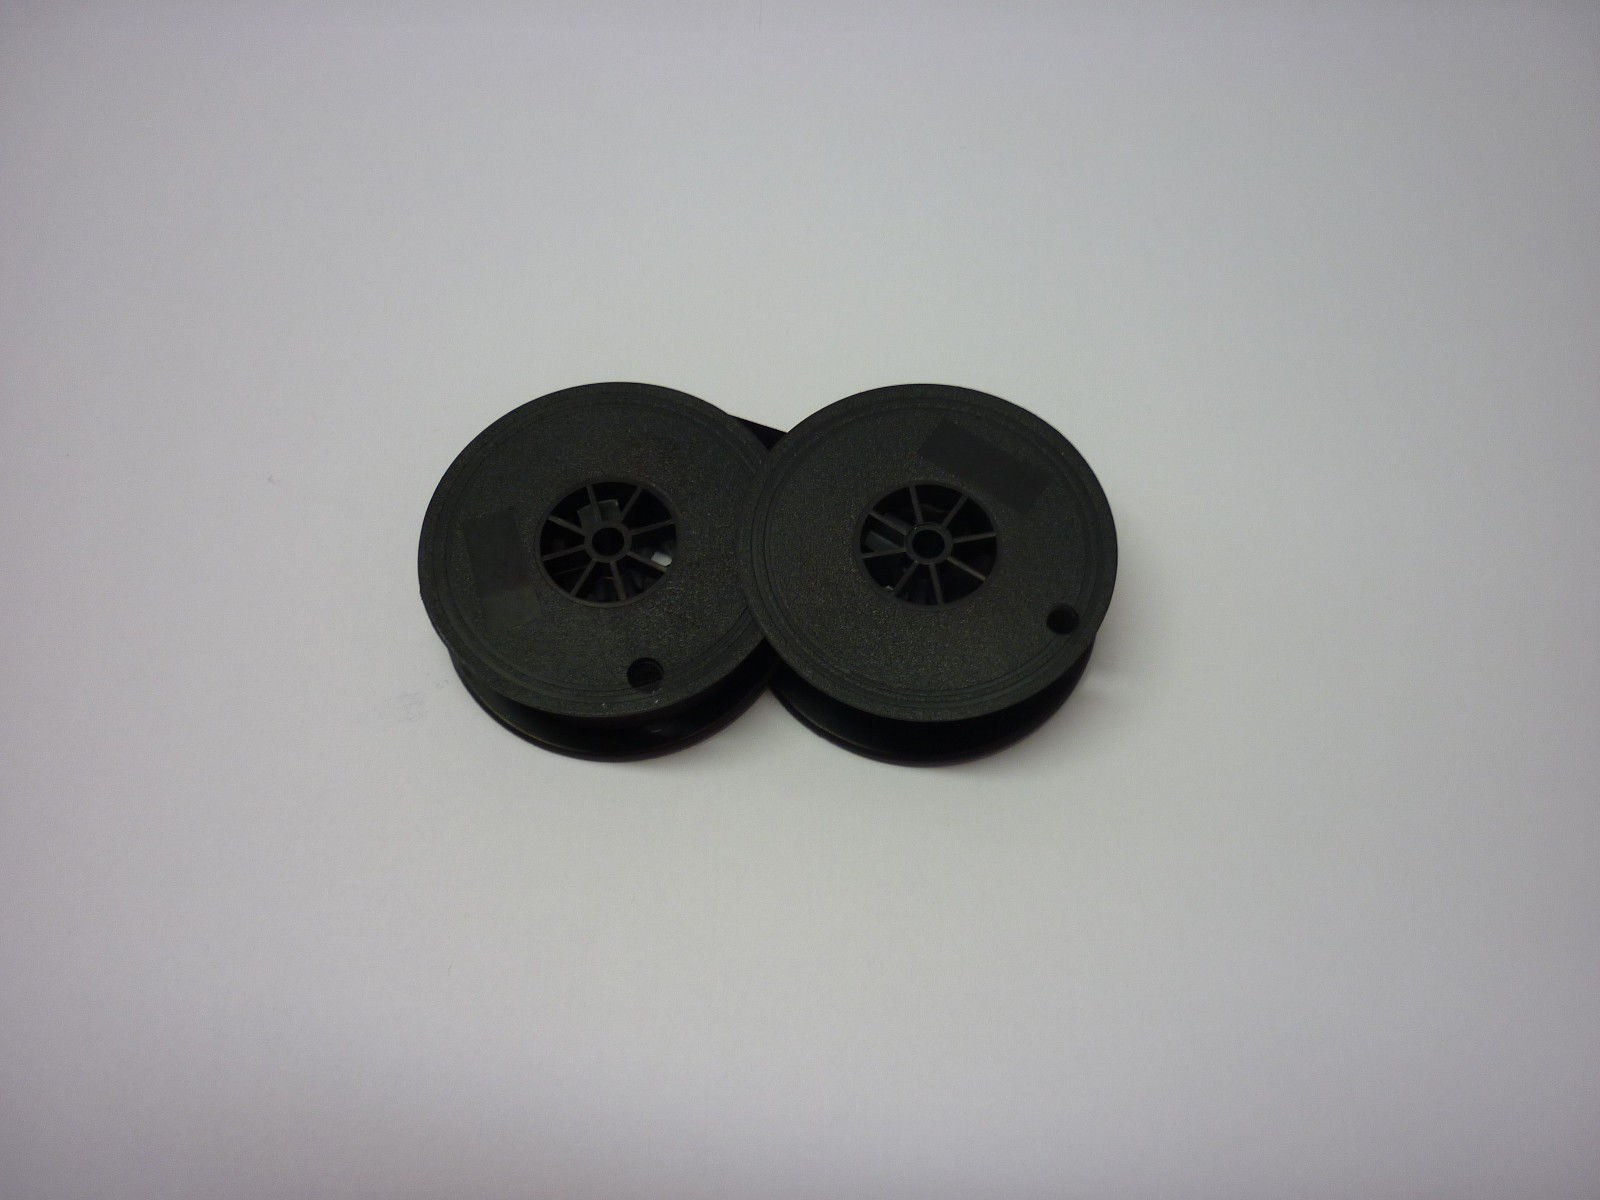 Sears Manual 1 Manual 2 Typewriter Ribbon Black Twin Spool